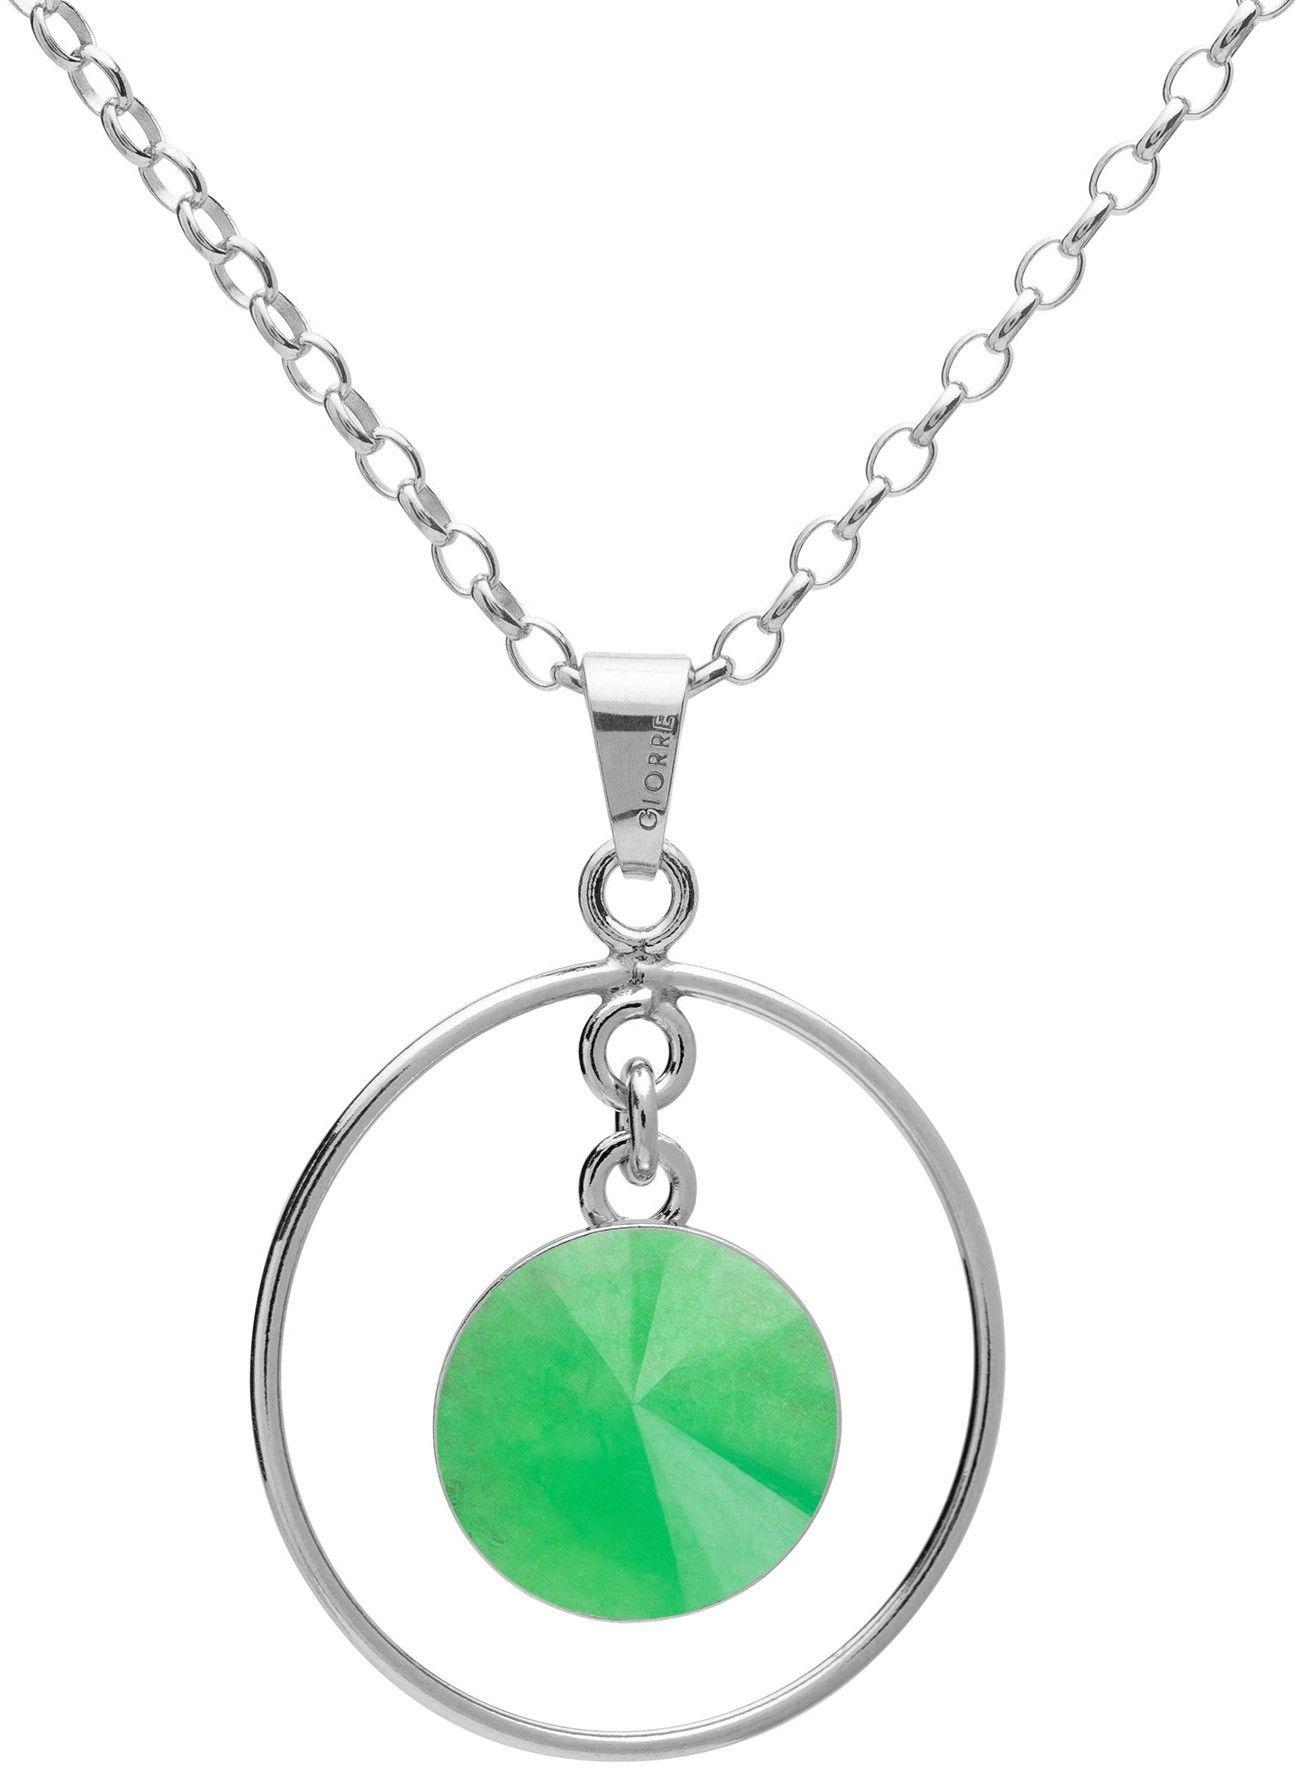 Okrągły naszyjnik z naturalnym kamieniem - chryzopraz, srebro 925 : Długość (cm) - 45 + 5, Kamienie naturalne - kolor - chryzopraz zielony ciemny, Srebro - kolor pokrycia - Pokrycie platyną